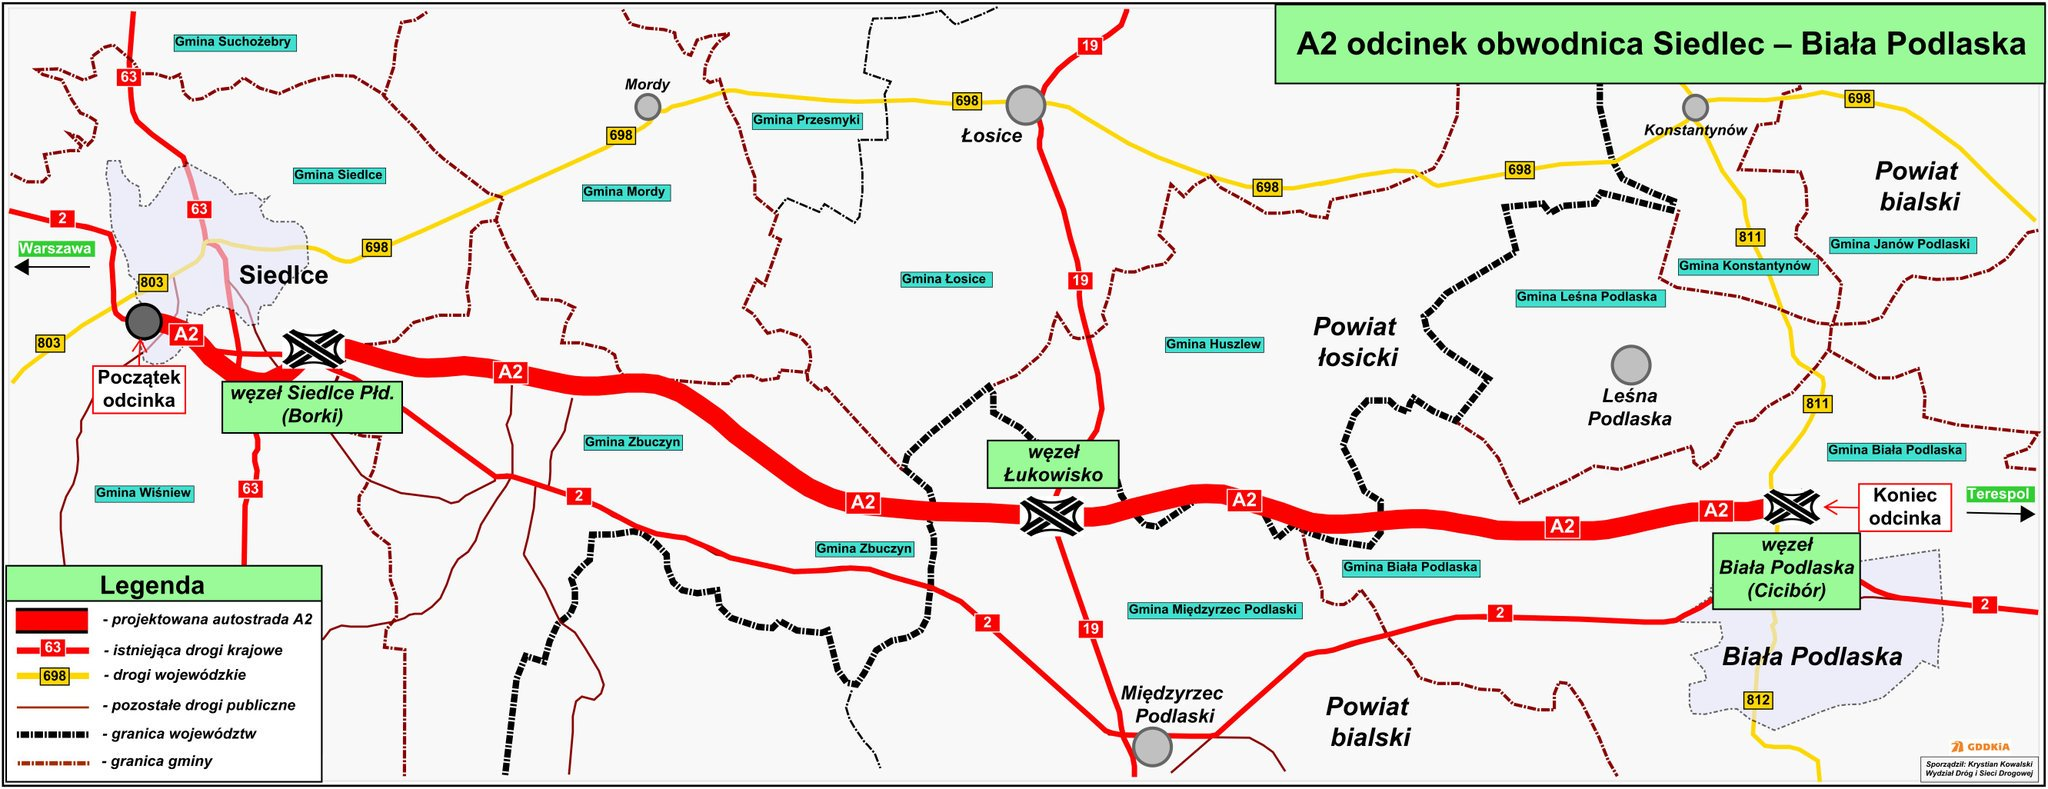 Kolejny odcinek autostrady A2, 63-kilometrowy fragment od obwodnicy Siedlec do Białej Podlaskiej ma być gotowy za 6 lat. Dziś zawarta została umowa, na opracowanie koncepcji trasy, której budowa pochłonie 3 mld zł. Resort infrastruktury przedstawił mapę przebiegu nowego odcinka.